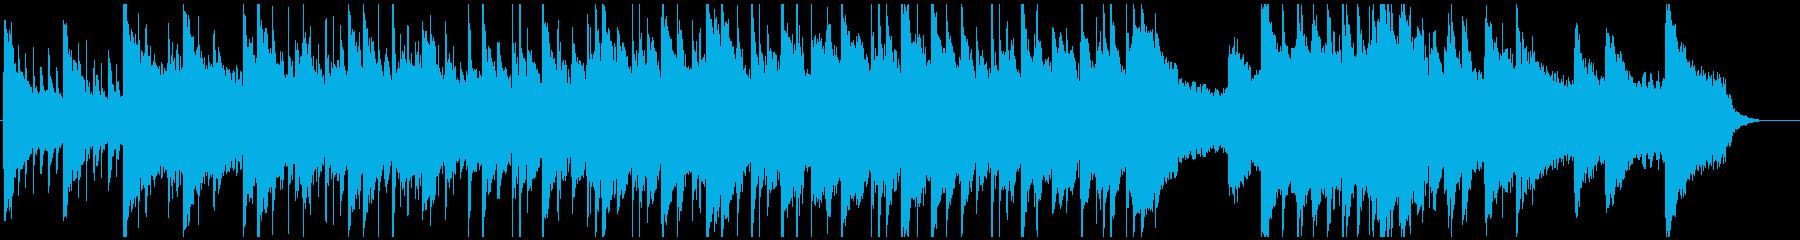 柔らかくも謎めいた日常のテクスチャー風曲の再生済みの波形